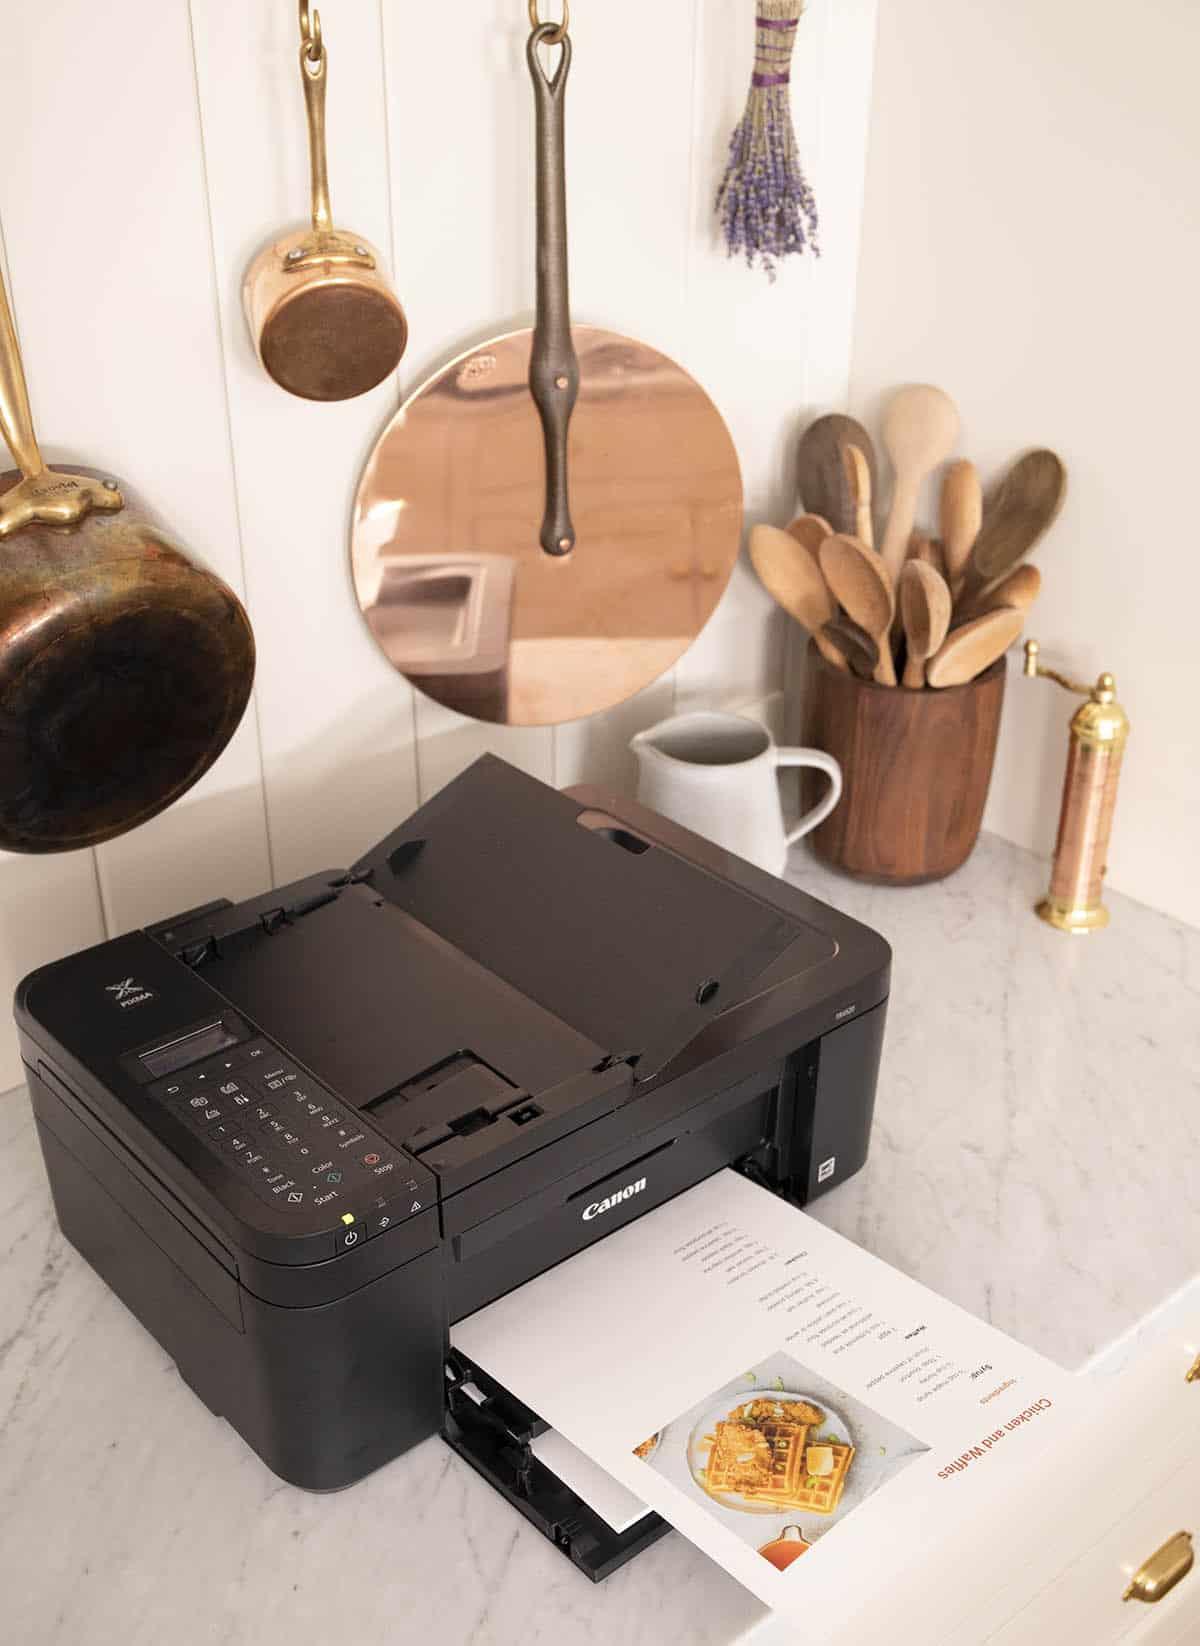 Ca black Canon printer in my kitchen.